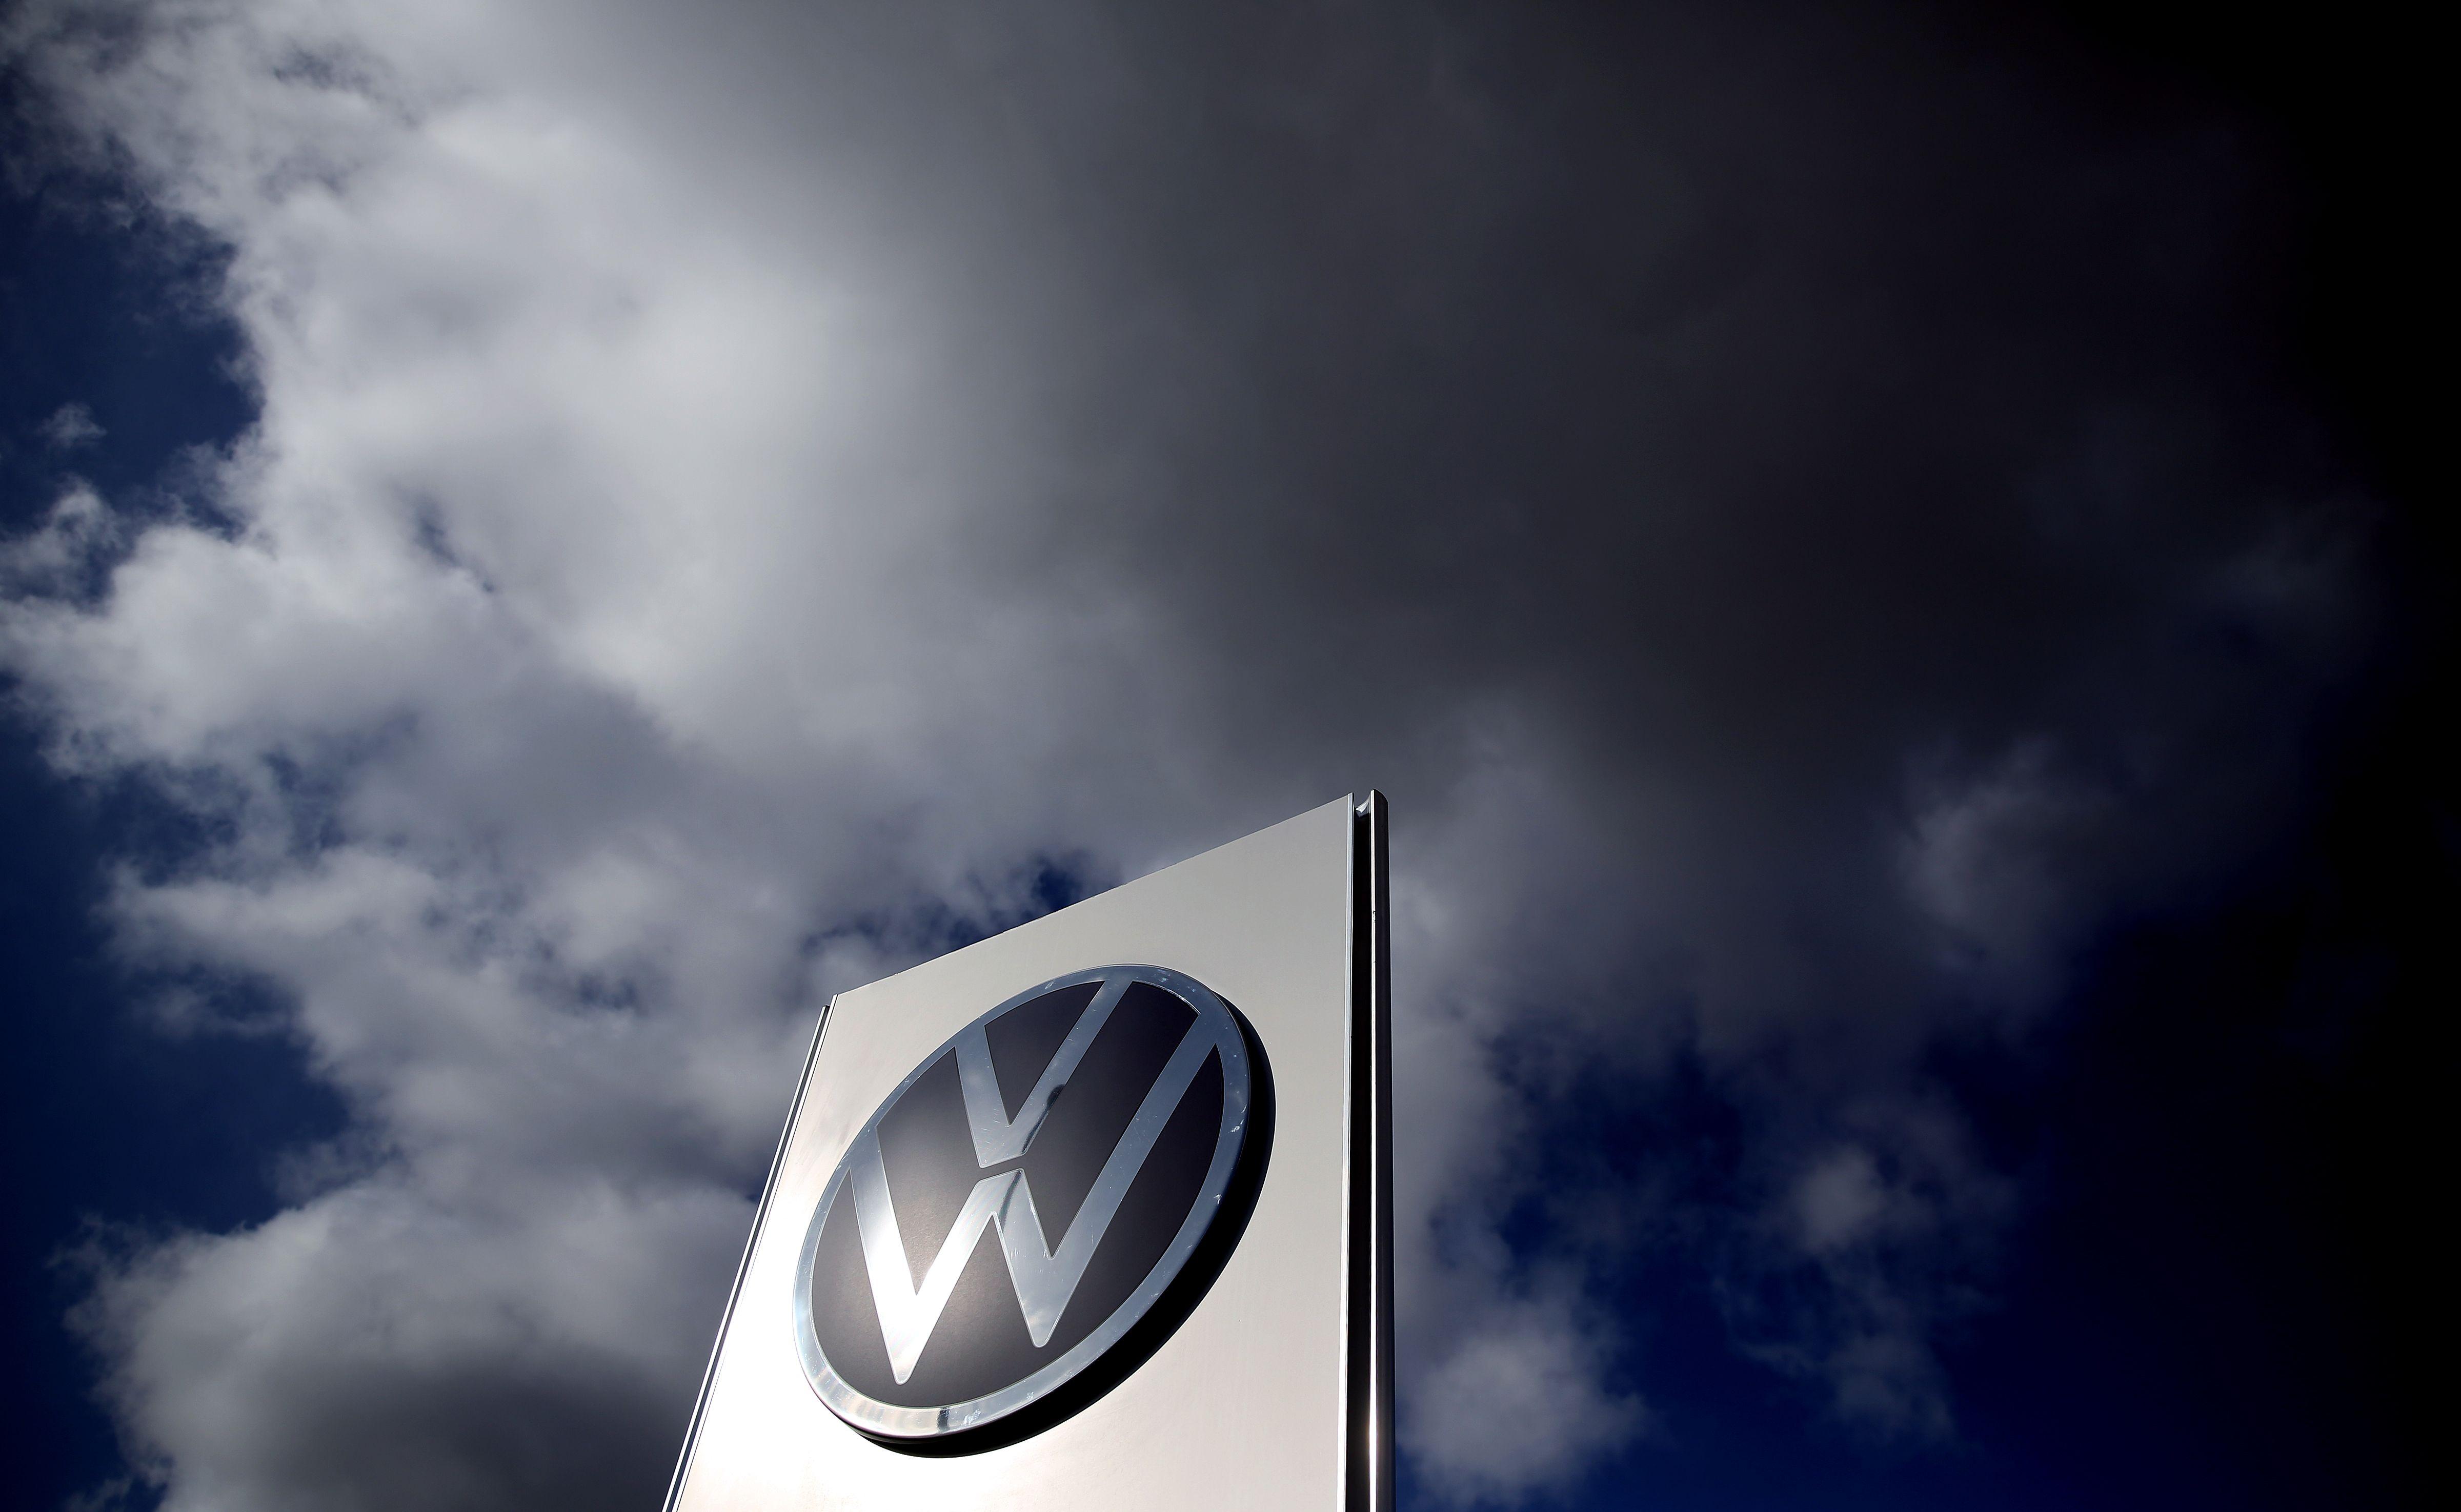 GERMANY-AUTOMOBILE-VOLKSWAGEN-DIESEL-COURT-POLLUTION